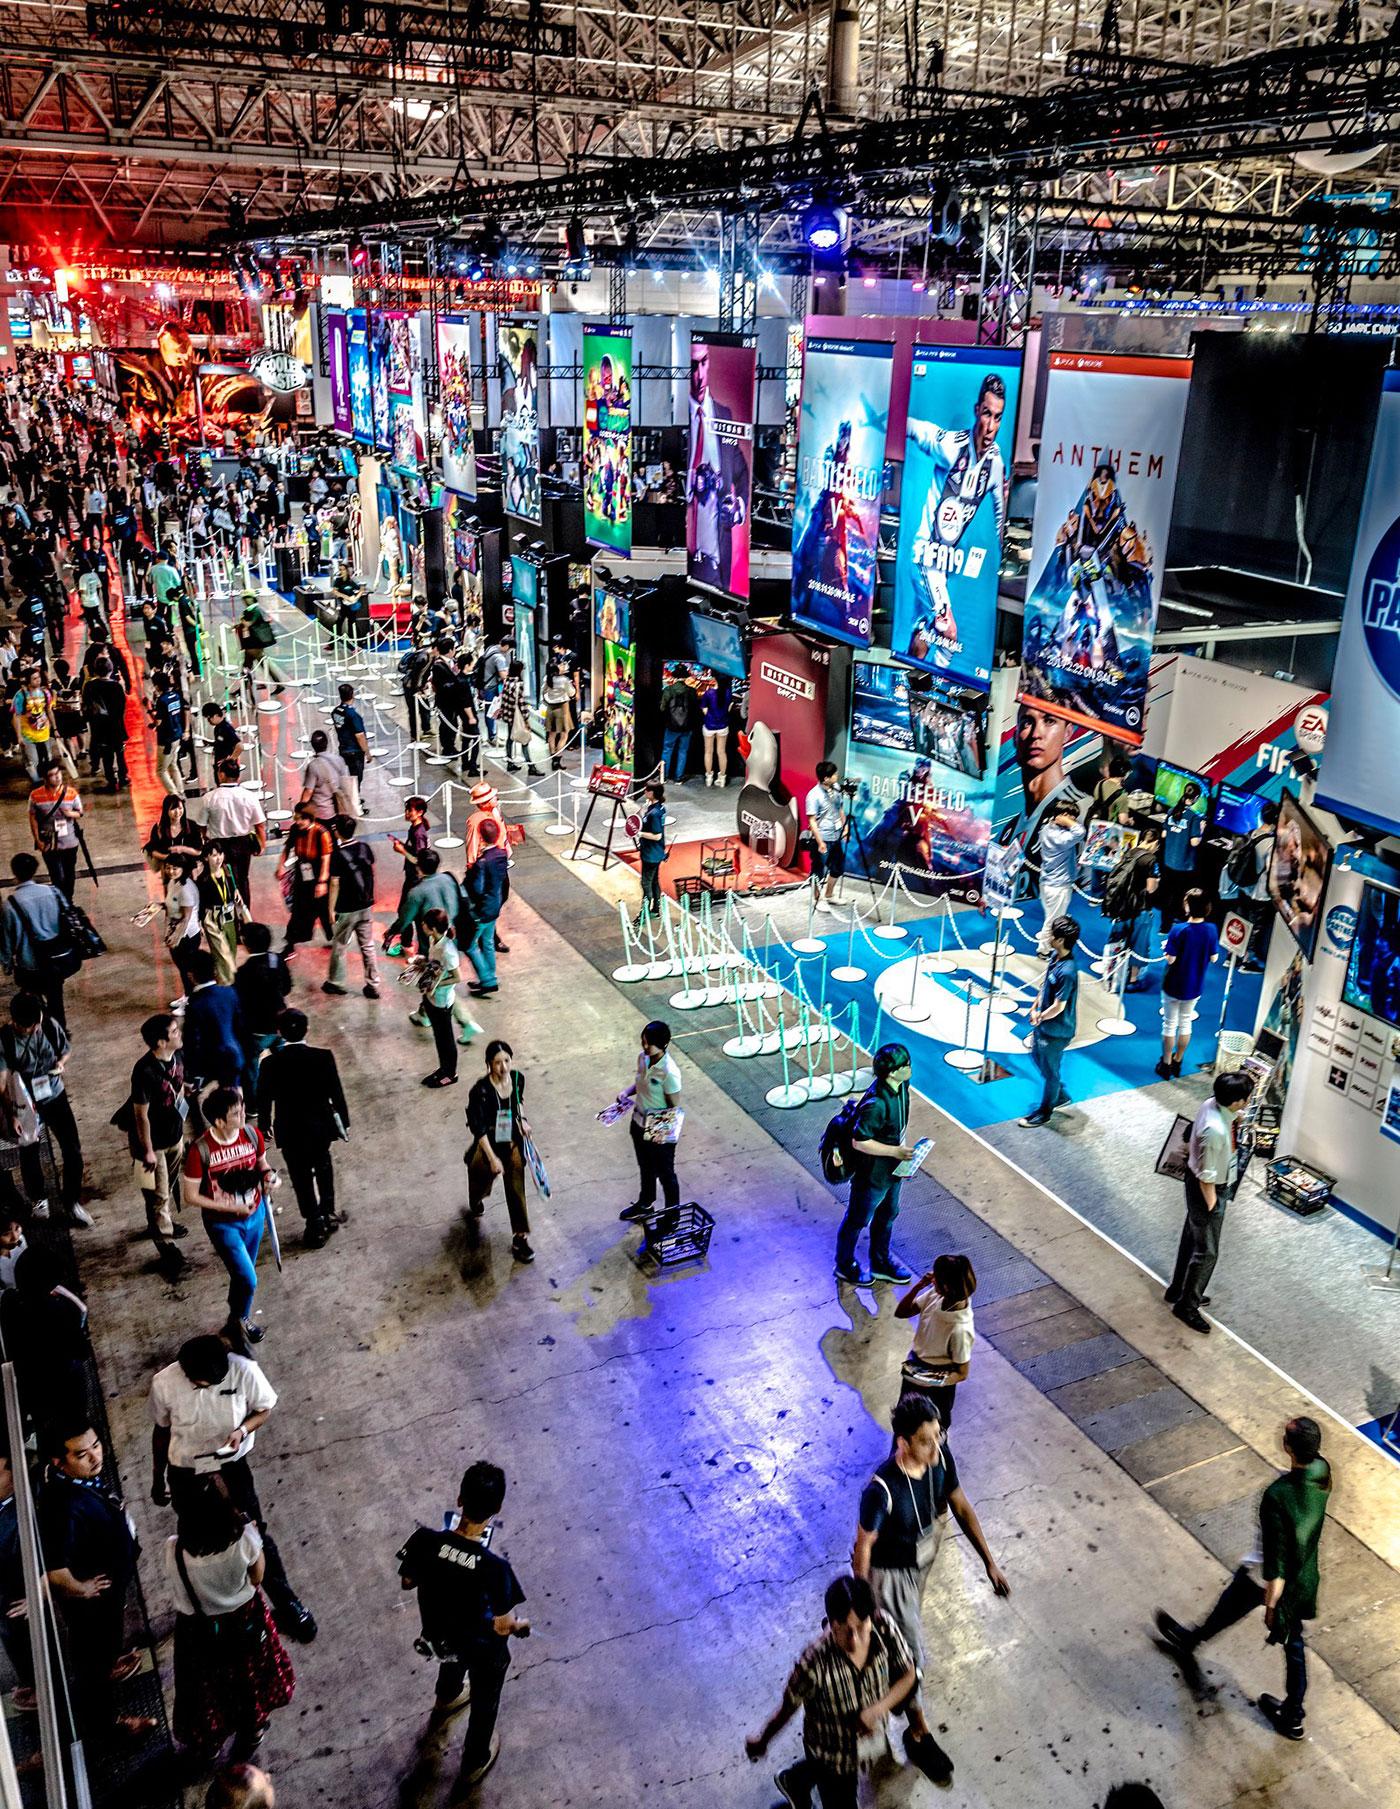 Die Tōkyō Game Show ist jährlich im September Anlaufpunkt für Spielefans und Cosplayer. (Foto: Sergey Galyonkin auf flickr https://flic.kr/p/MuUKb4 CC BY-SA 2.0)